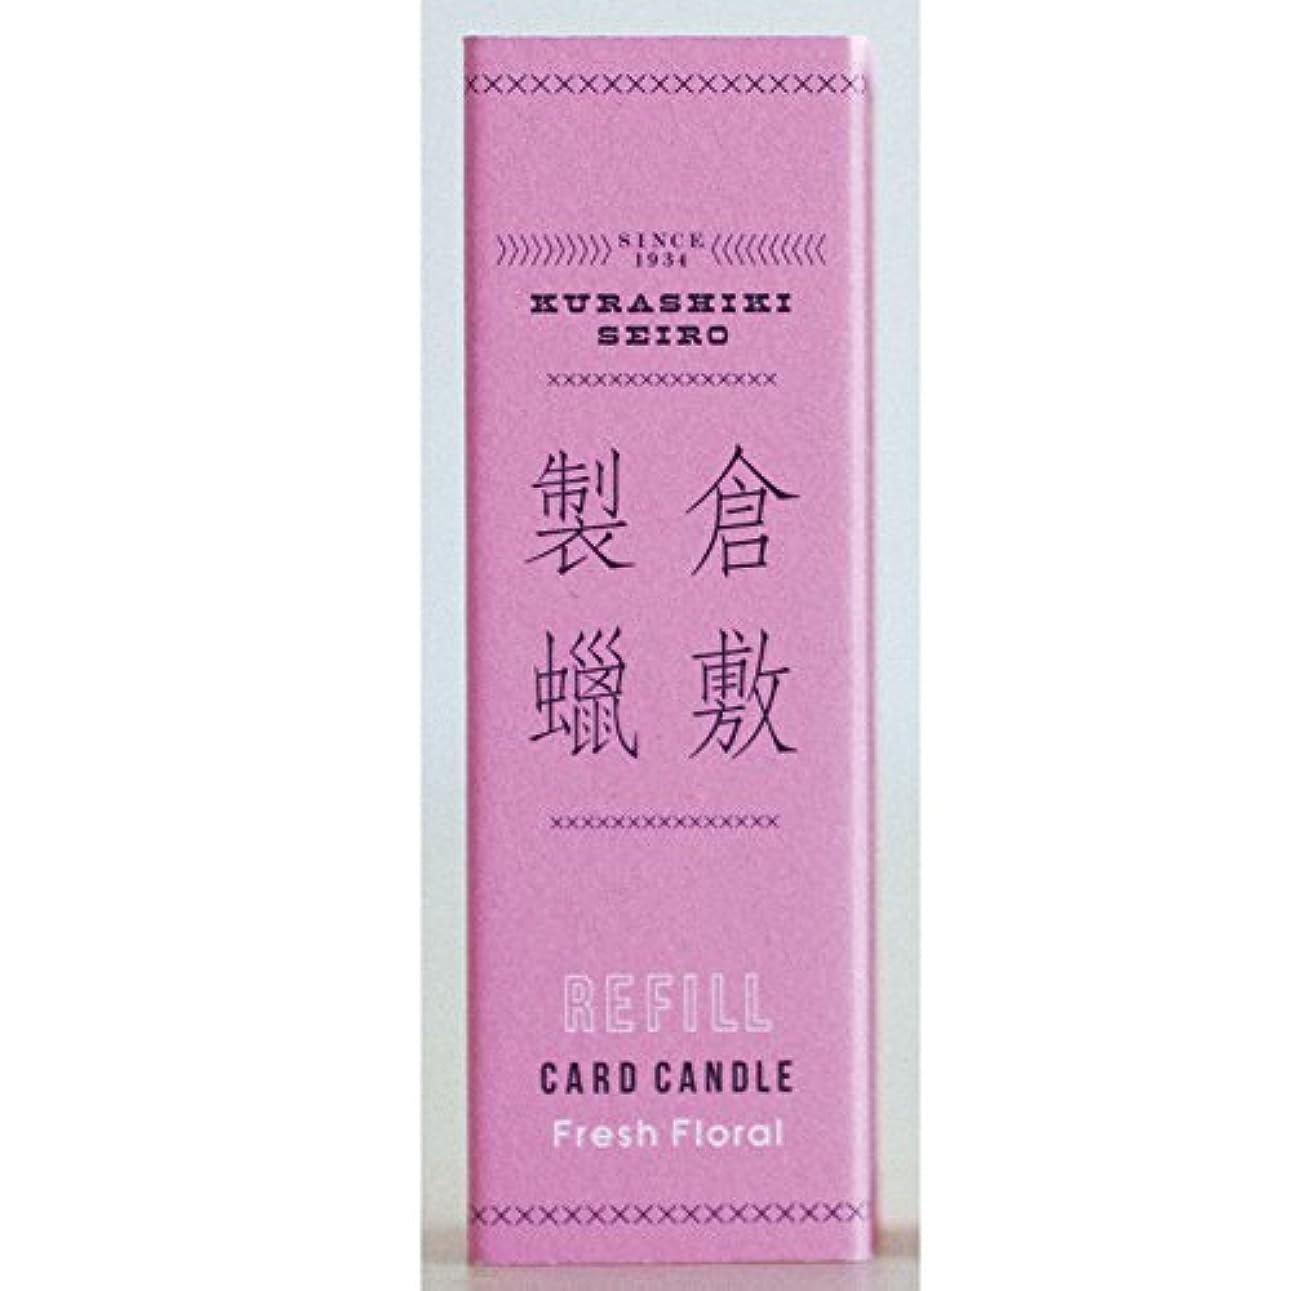 落胆した散歩反逆倉敷製蝋 CARD CANDLE REFILL (Fresh Floral)